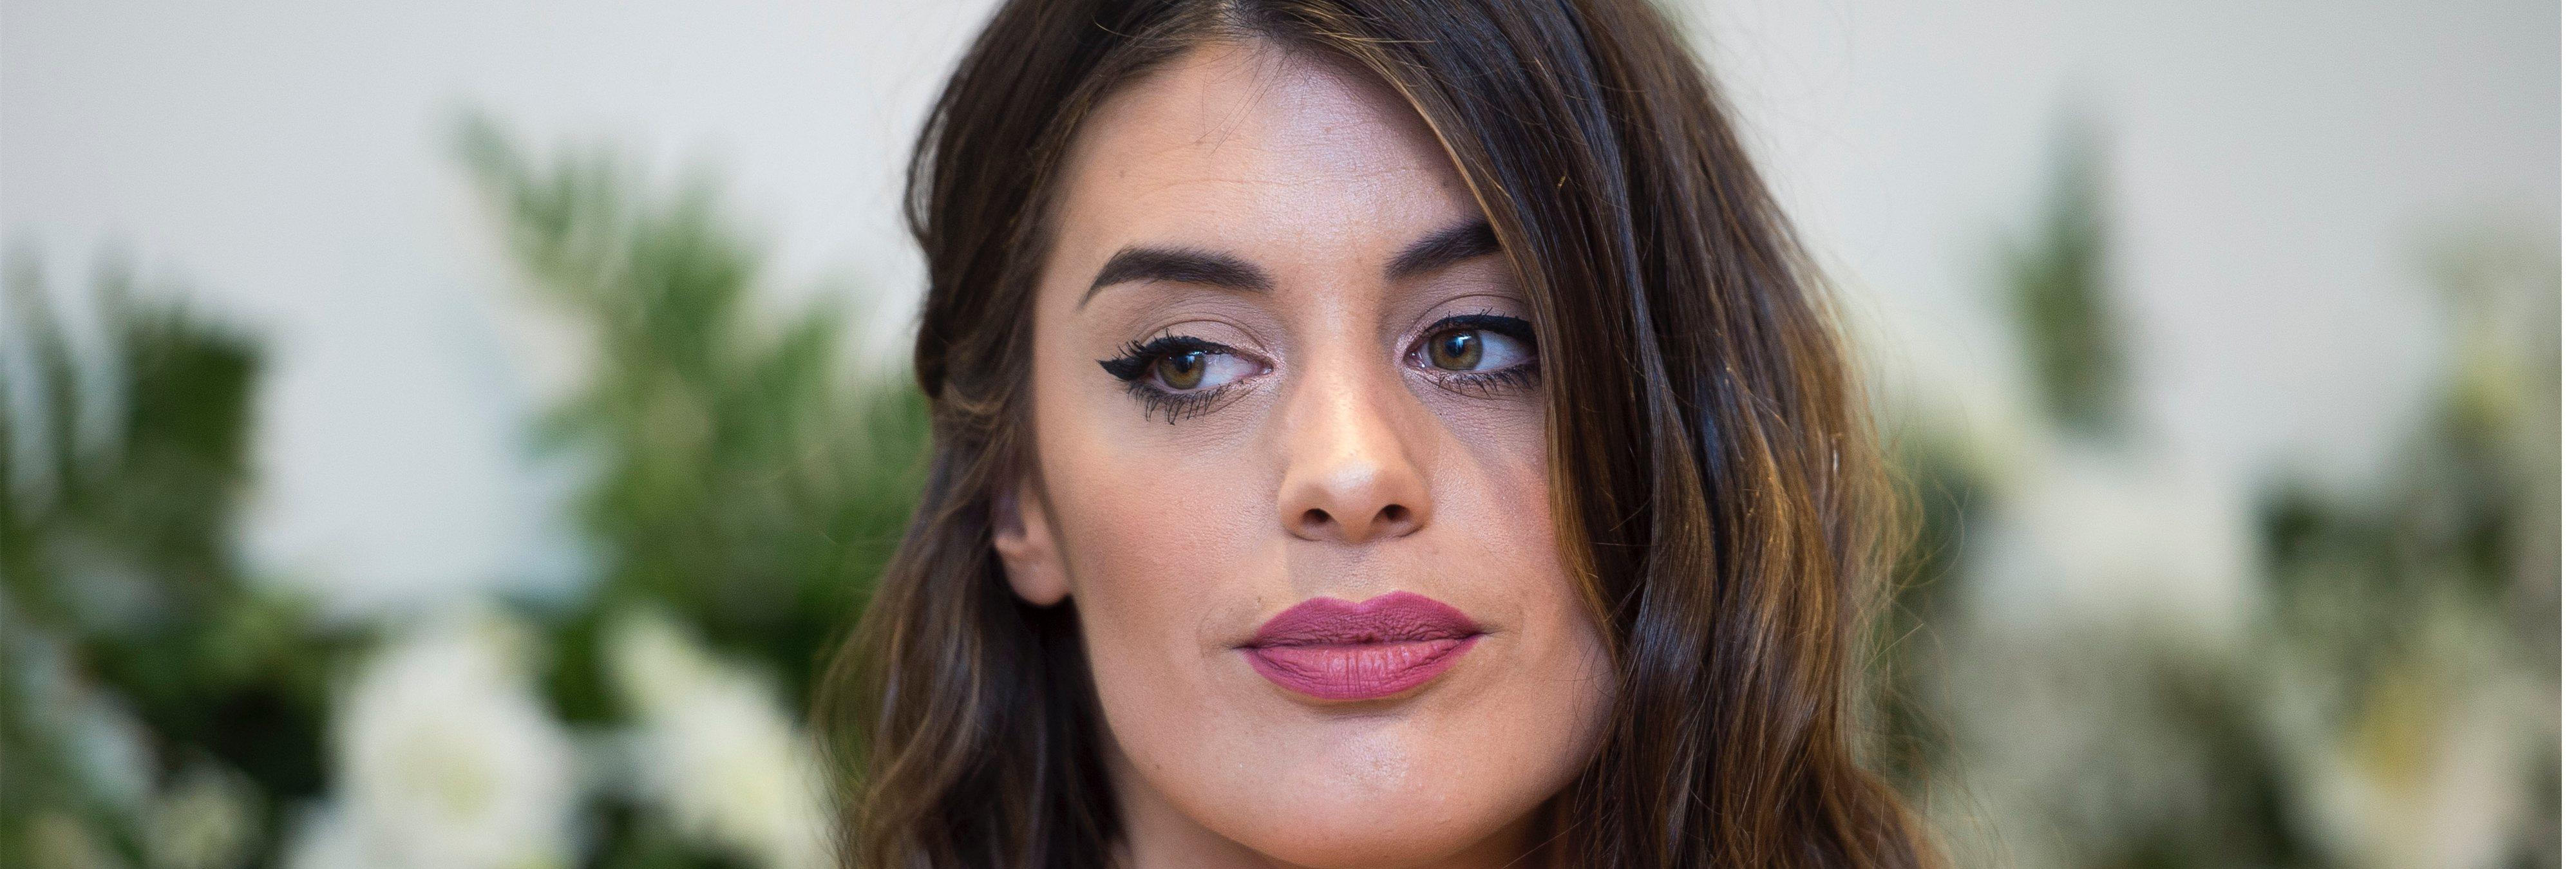 Dulceida abandona Twitter: sus razones